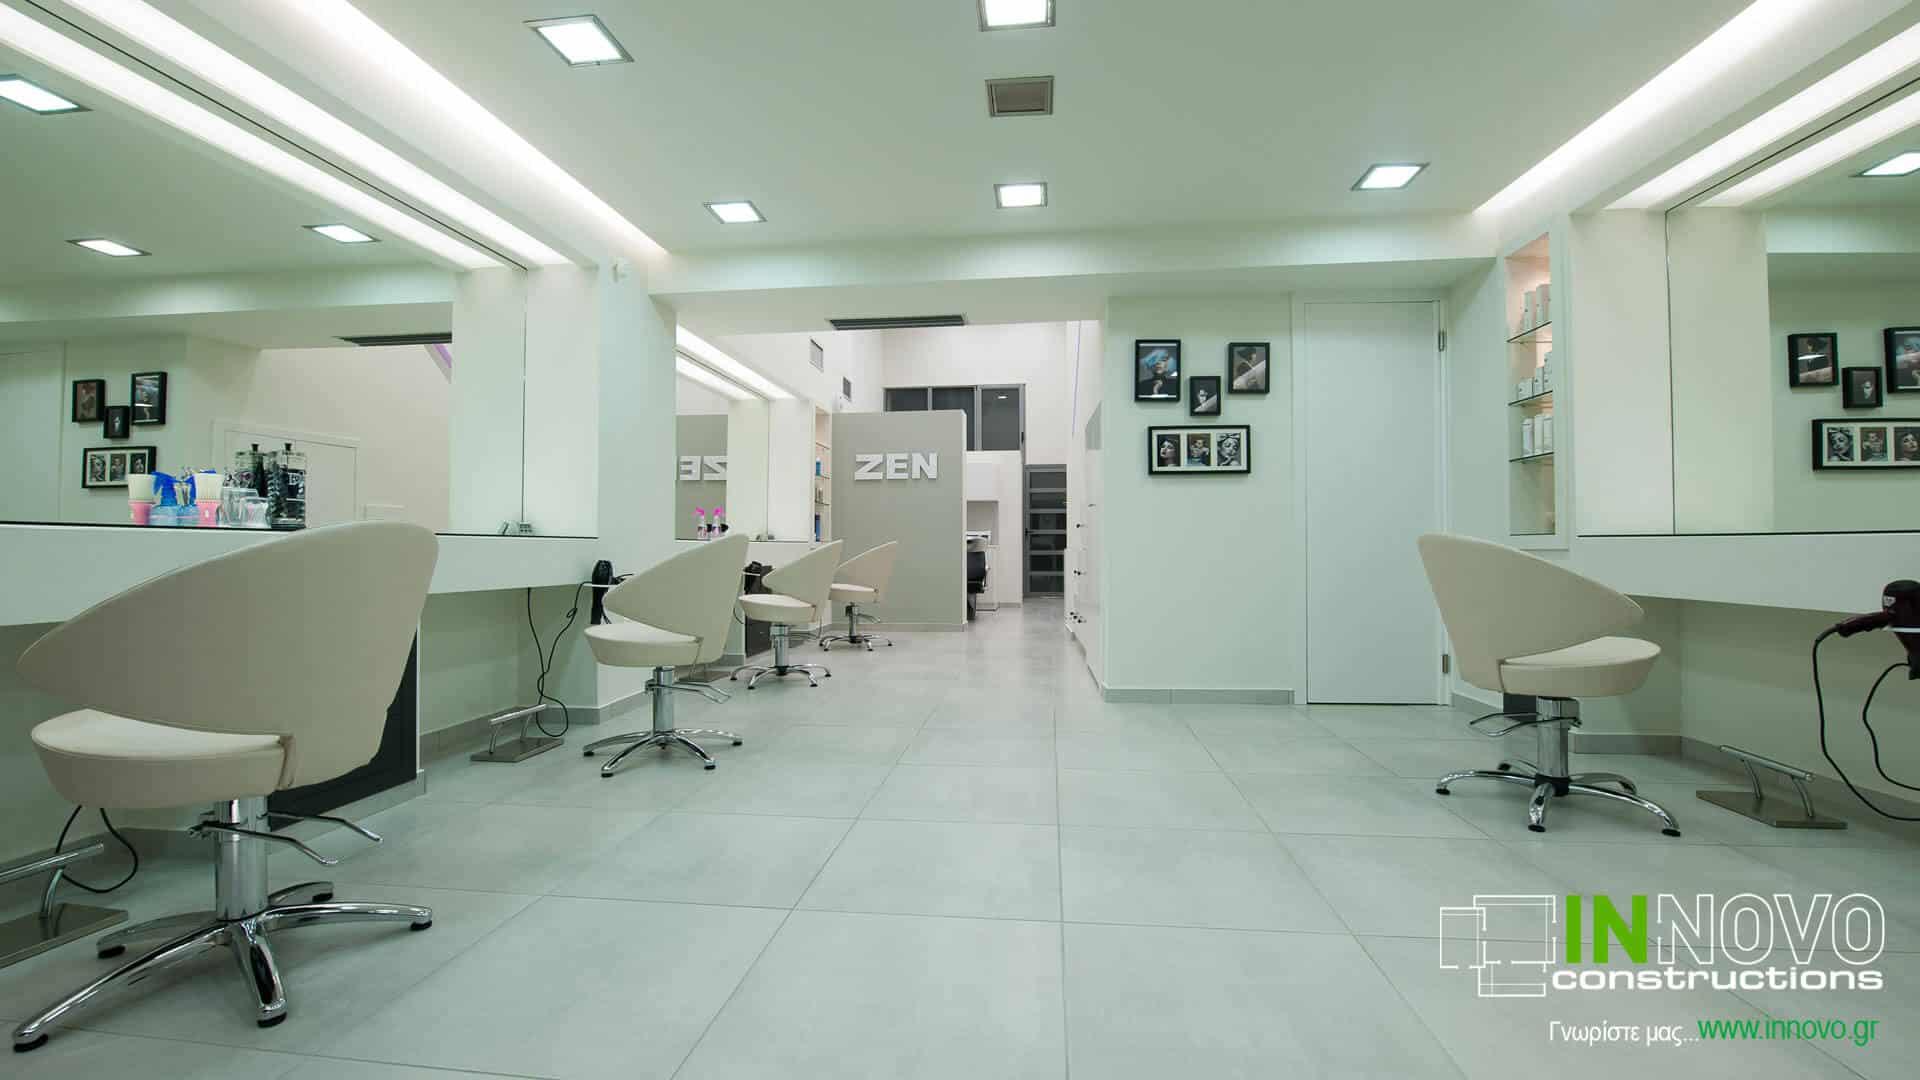 kataskevi-kommotiriou-hairdressers-construction-kommotirio-renti-1365-14